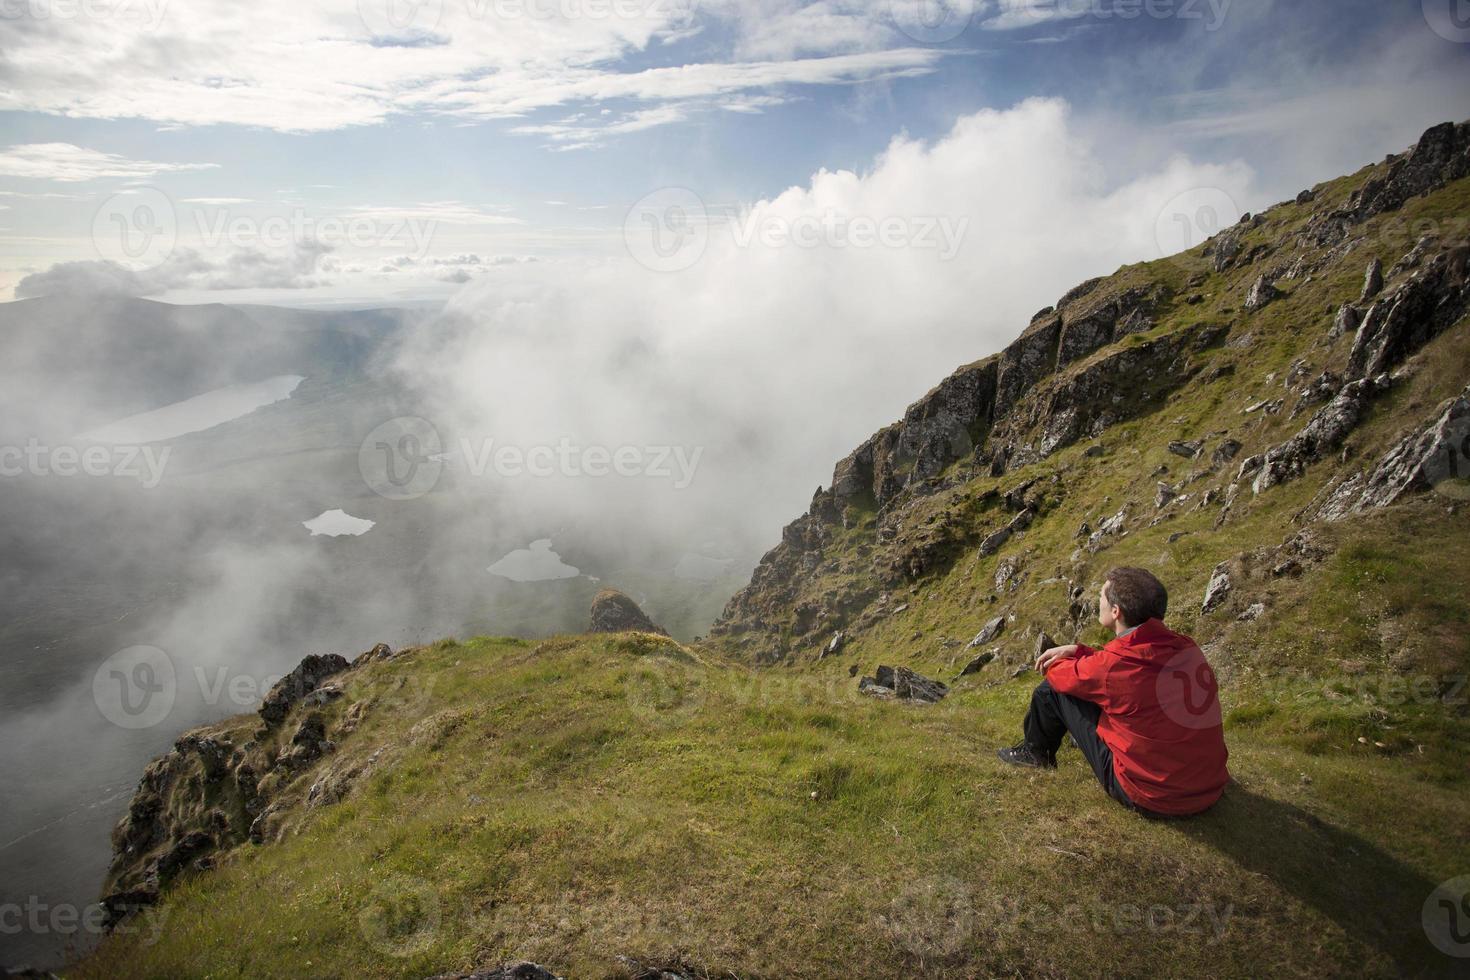 vandrare med utsikt över fjälltoppen foto